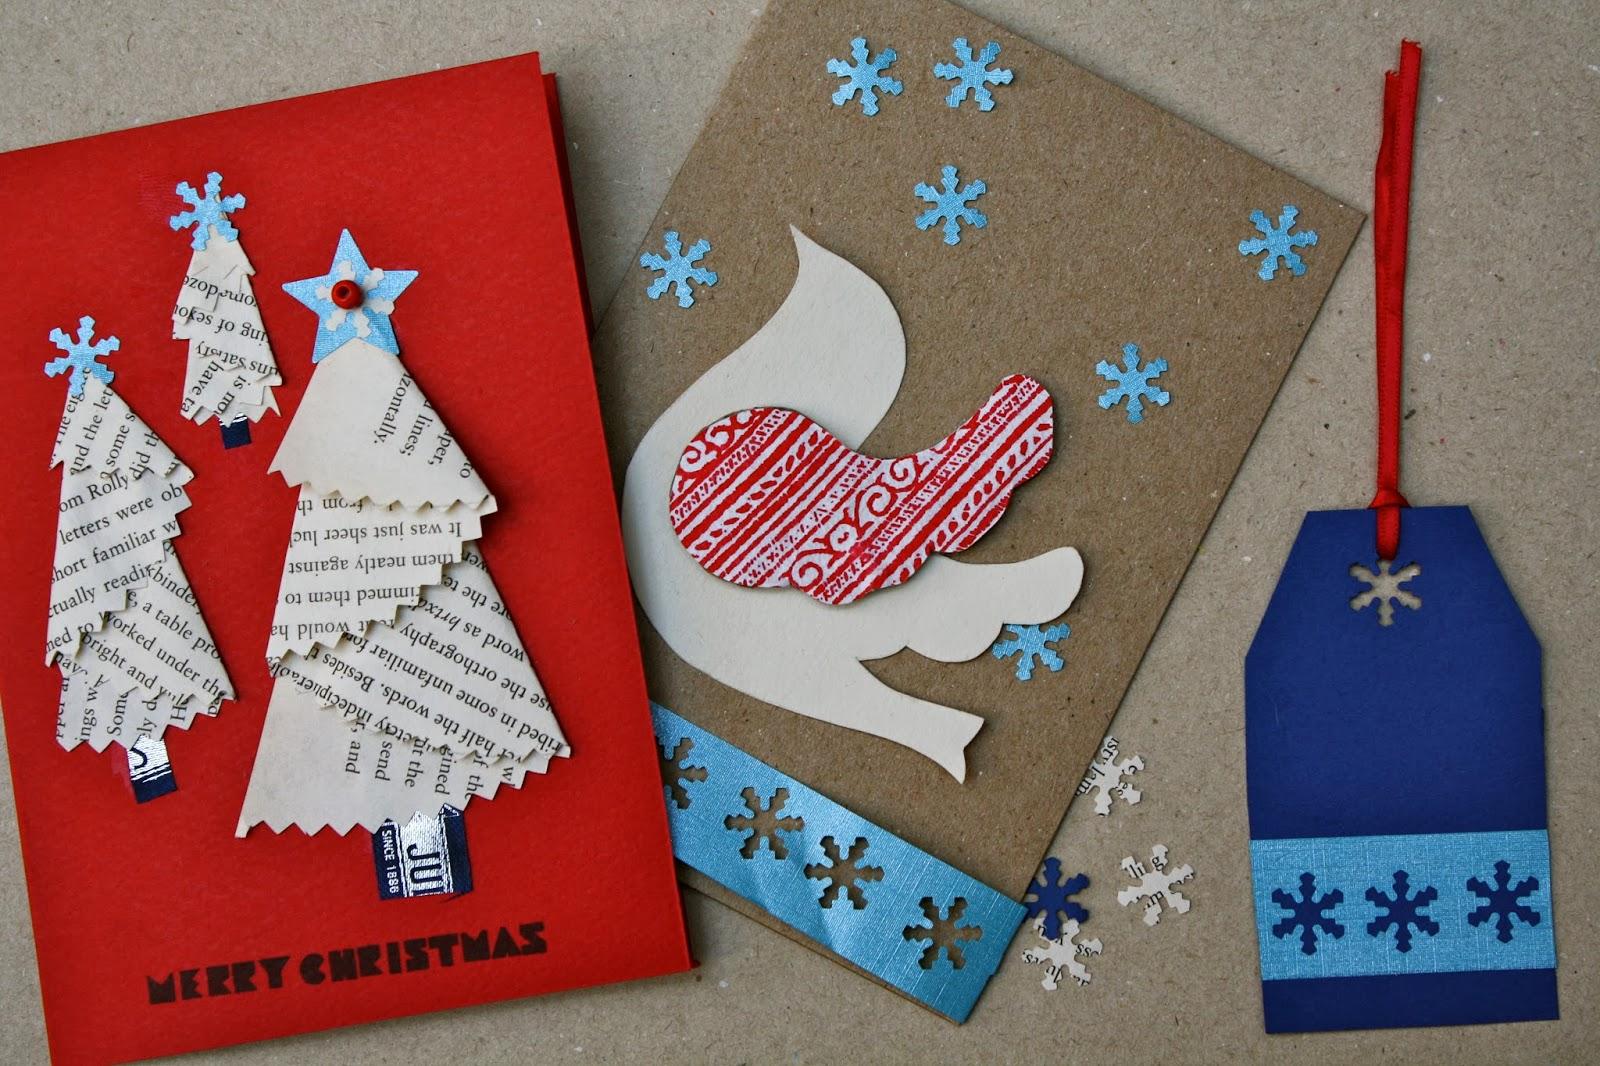 como hacer tarjetas navideñas manualidades con materiales recilados, decoración con trozos de papel períodico